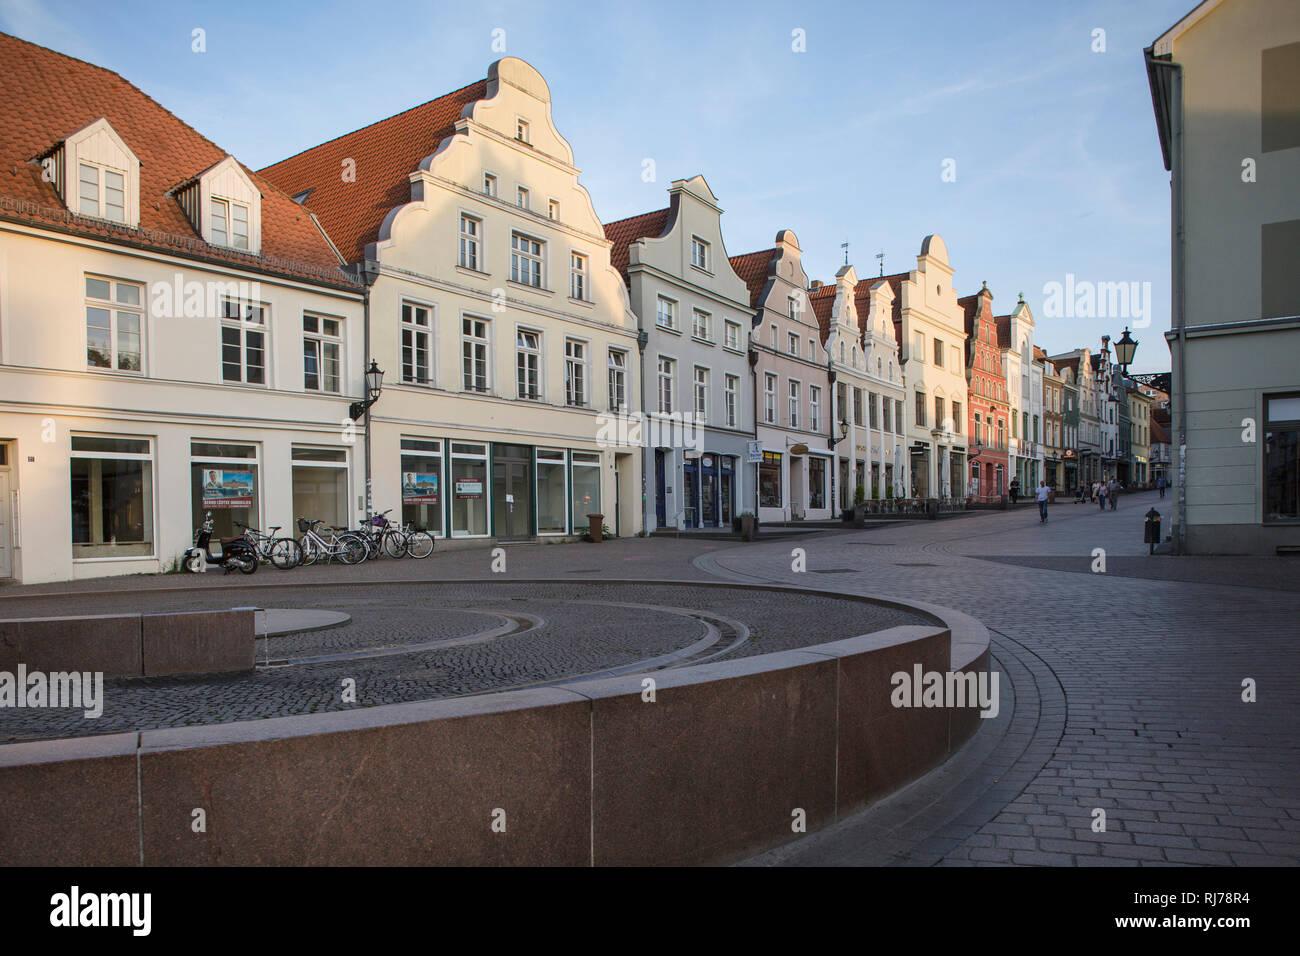 Krämerstraße in Wismar, Deutschland - Stock Image